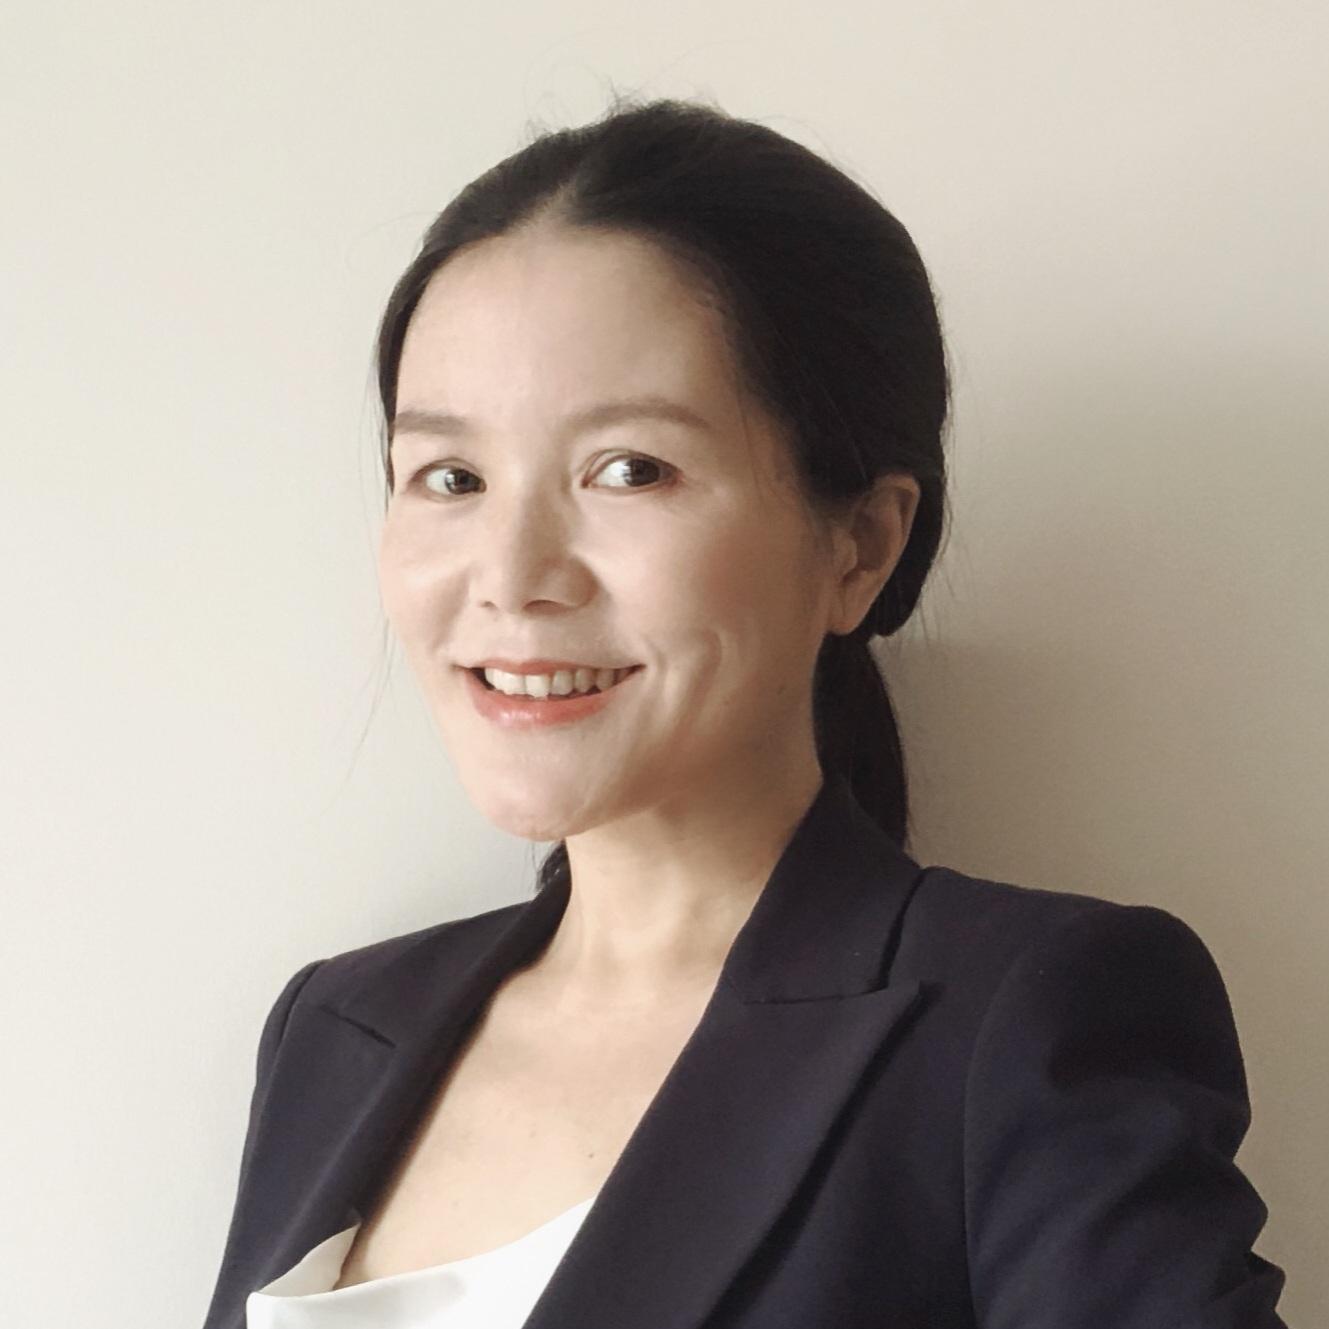 思澜医药技术(北京)有限公司临床质量保证顾问、总经理陈静照片